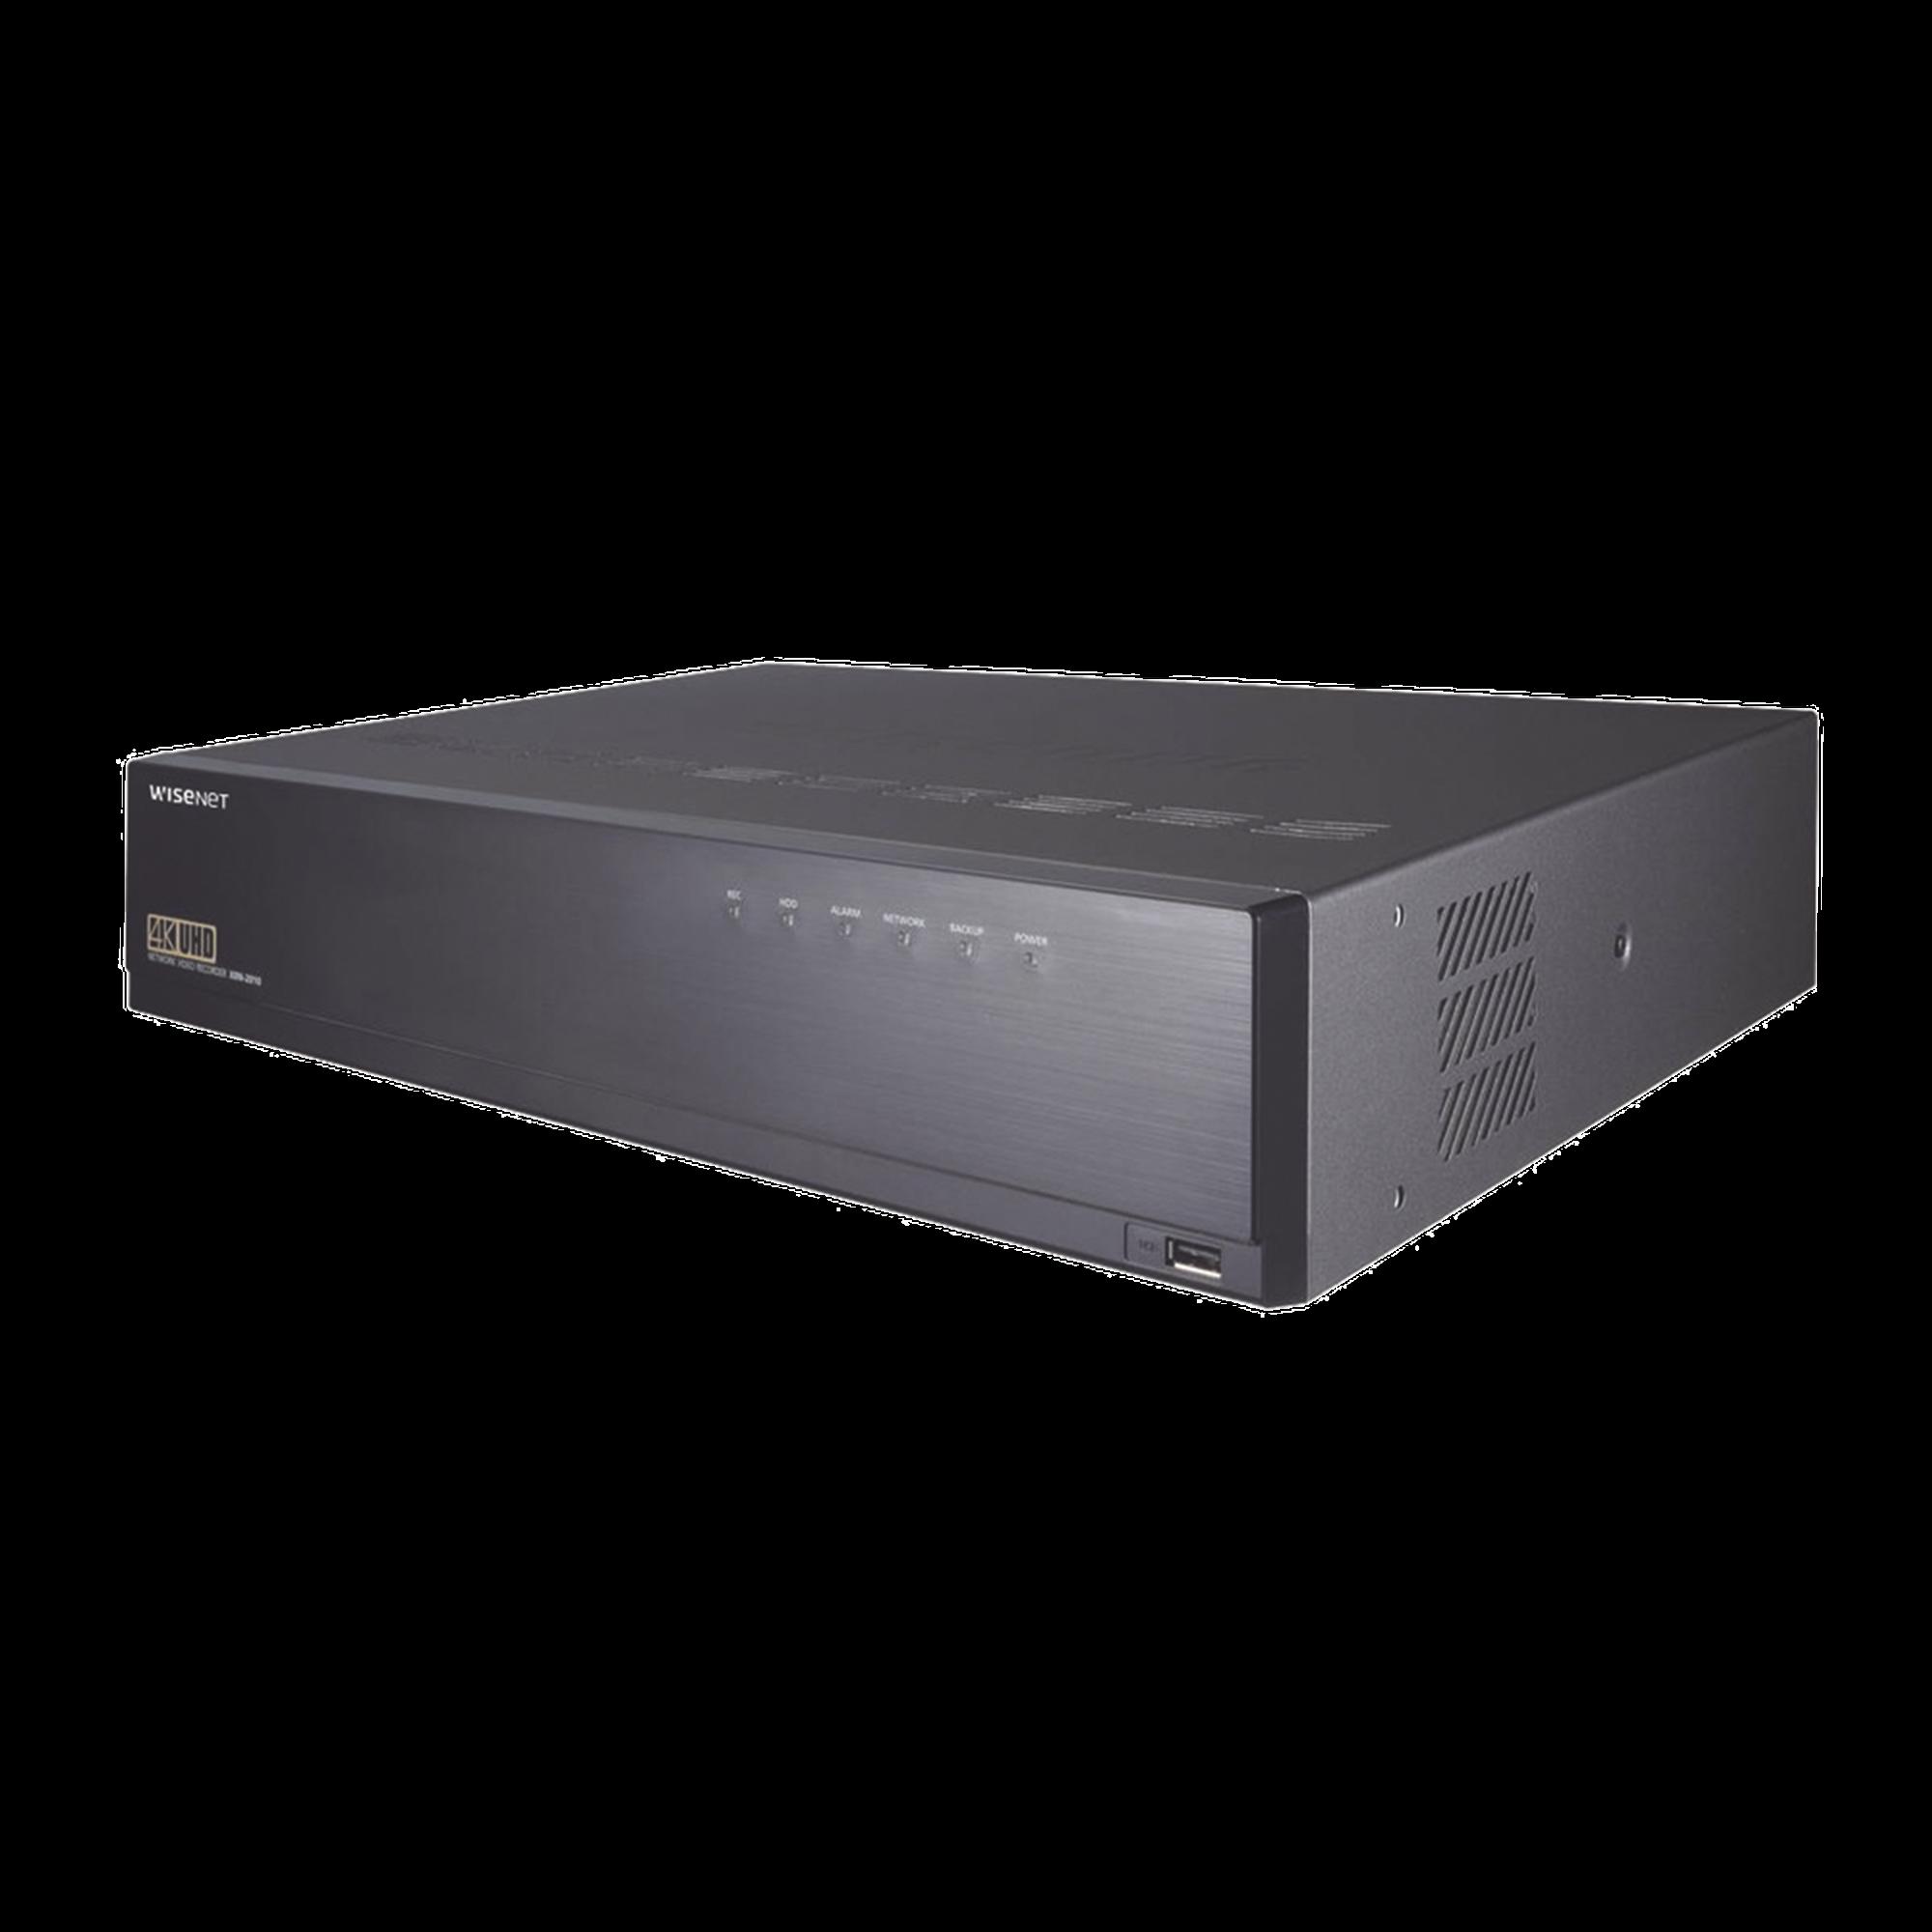 NVR de 32 Canales, Soporta Compresión H.265, H.264 y MJPEG, Compatible con RAID 5